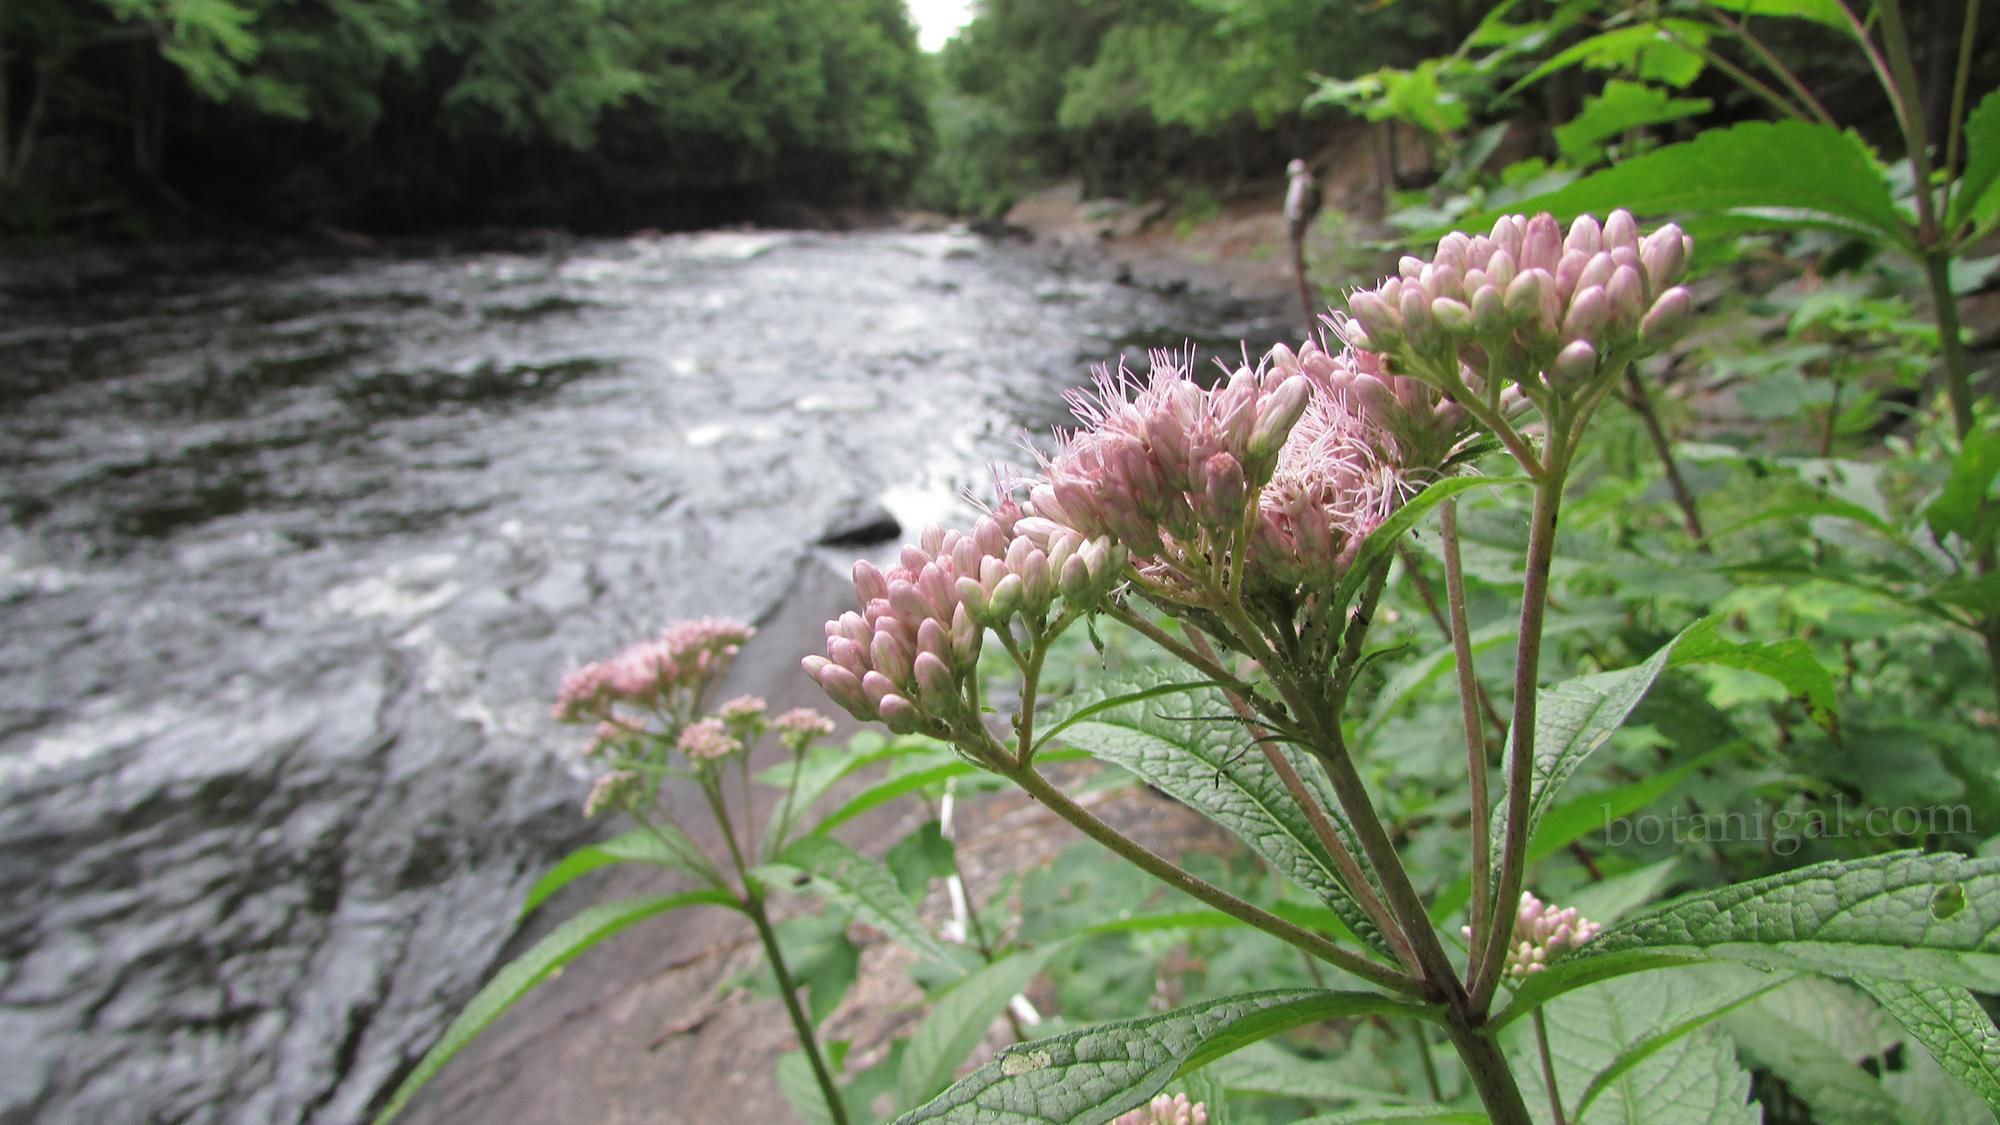 R.K. 9 Oxtongue Rapids Spotted Joe Pye Weed 051 wtm.jpg